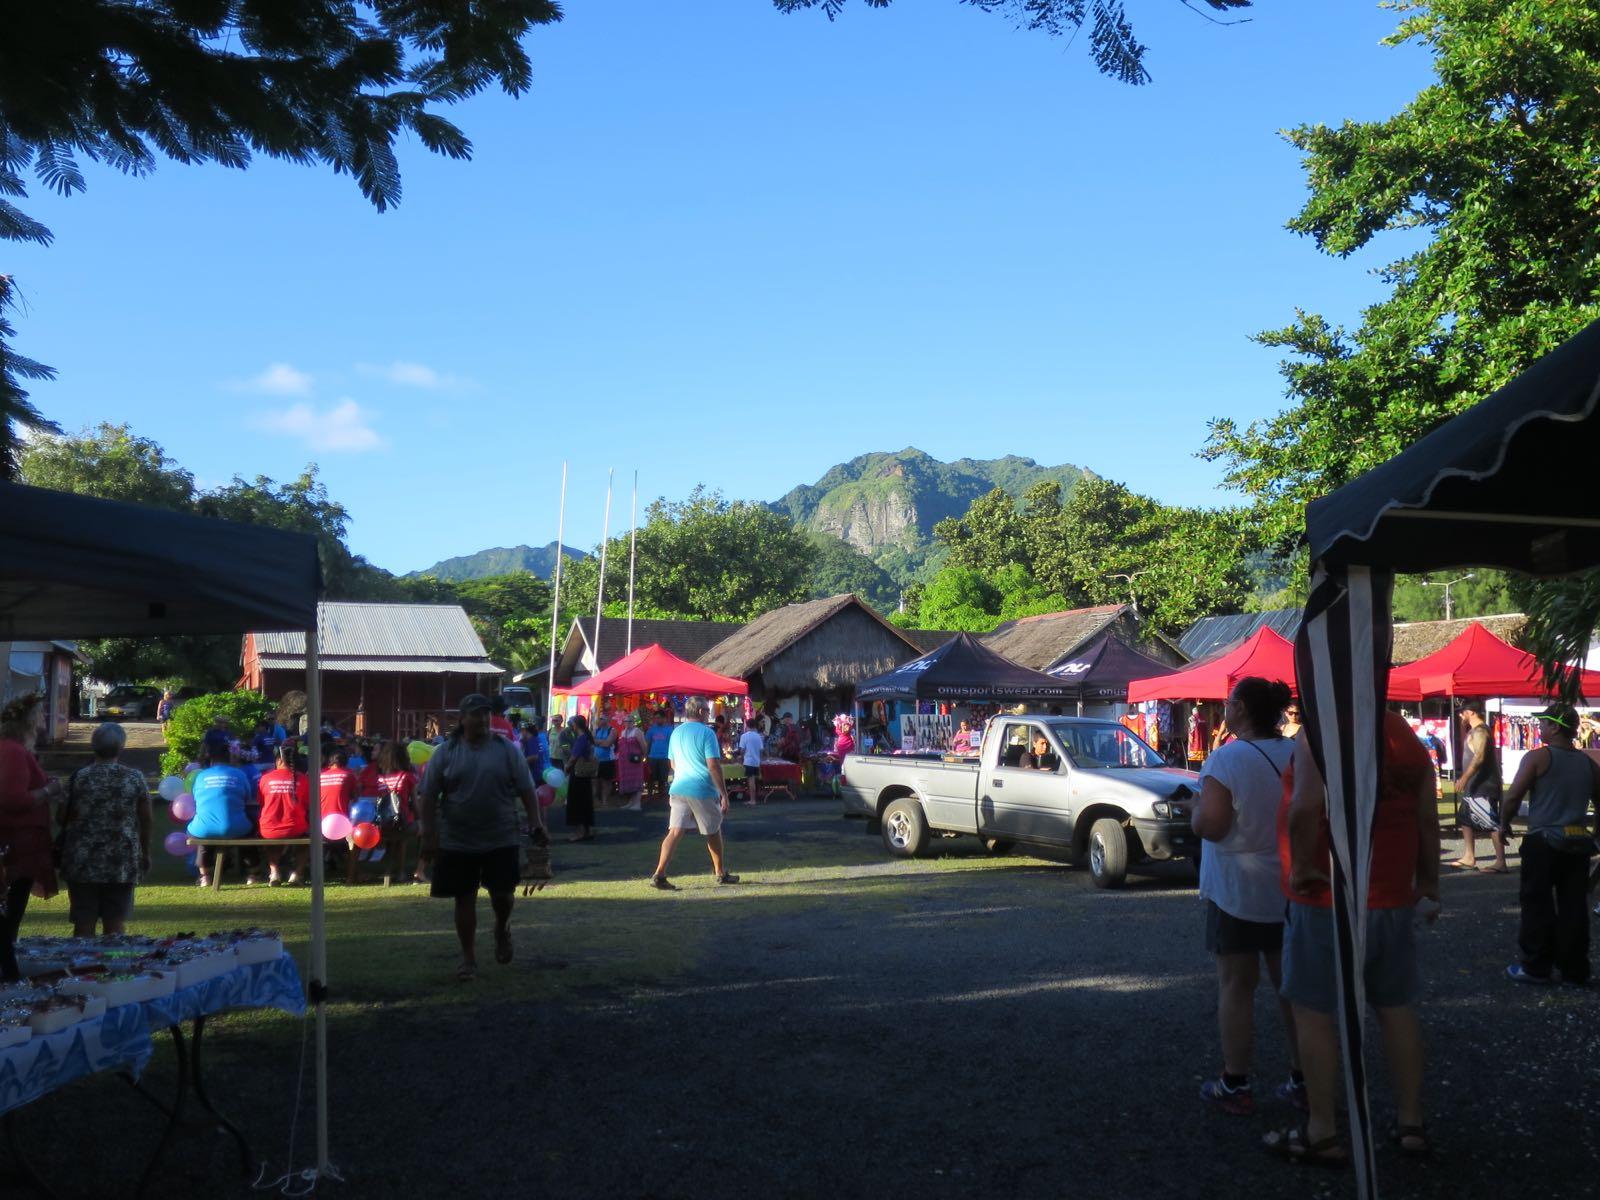 Pääkaupungissa Avaruassa on markkinat maanantaista lauantaihin. Parempi olla paikalla heti seitsemän jälkeen aamulla